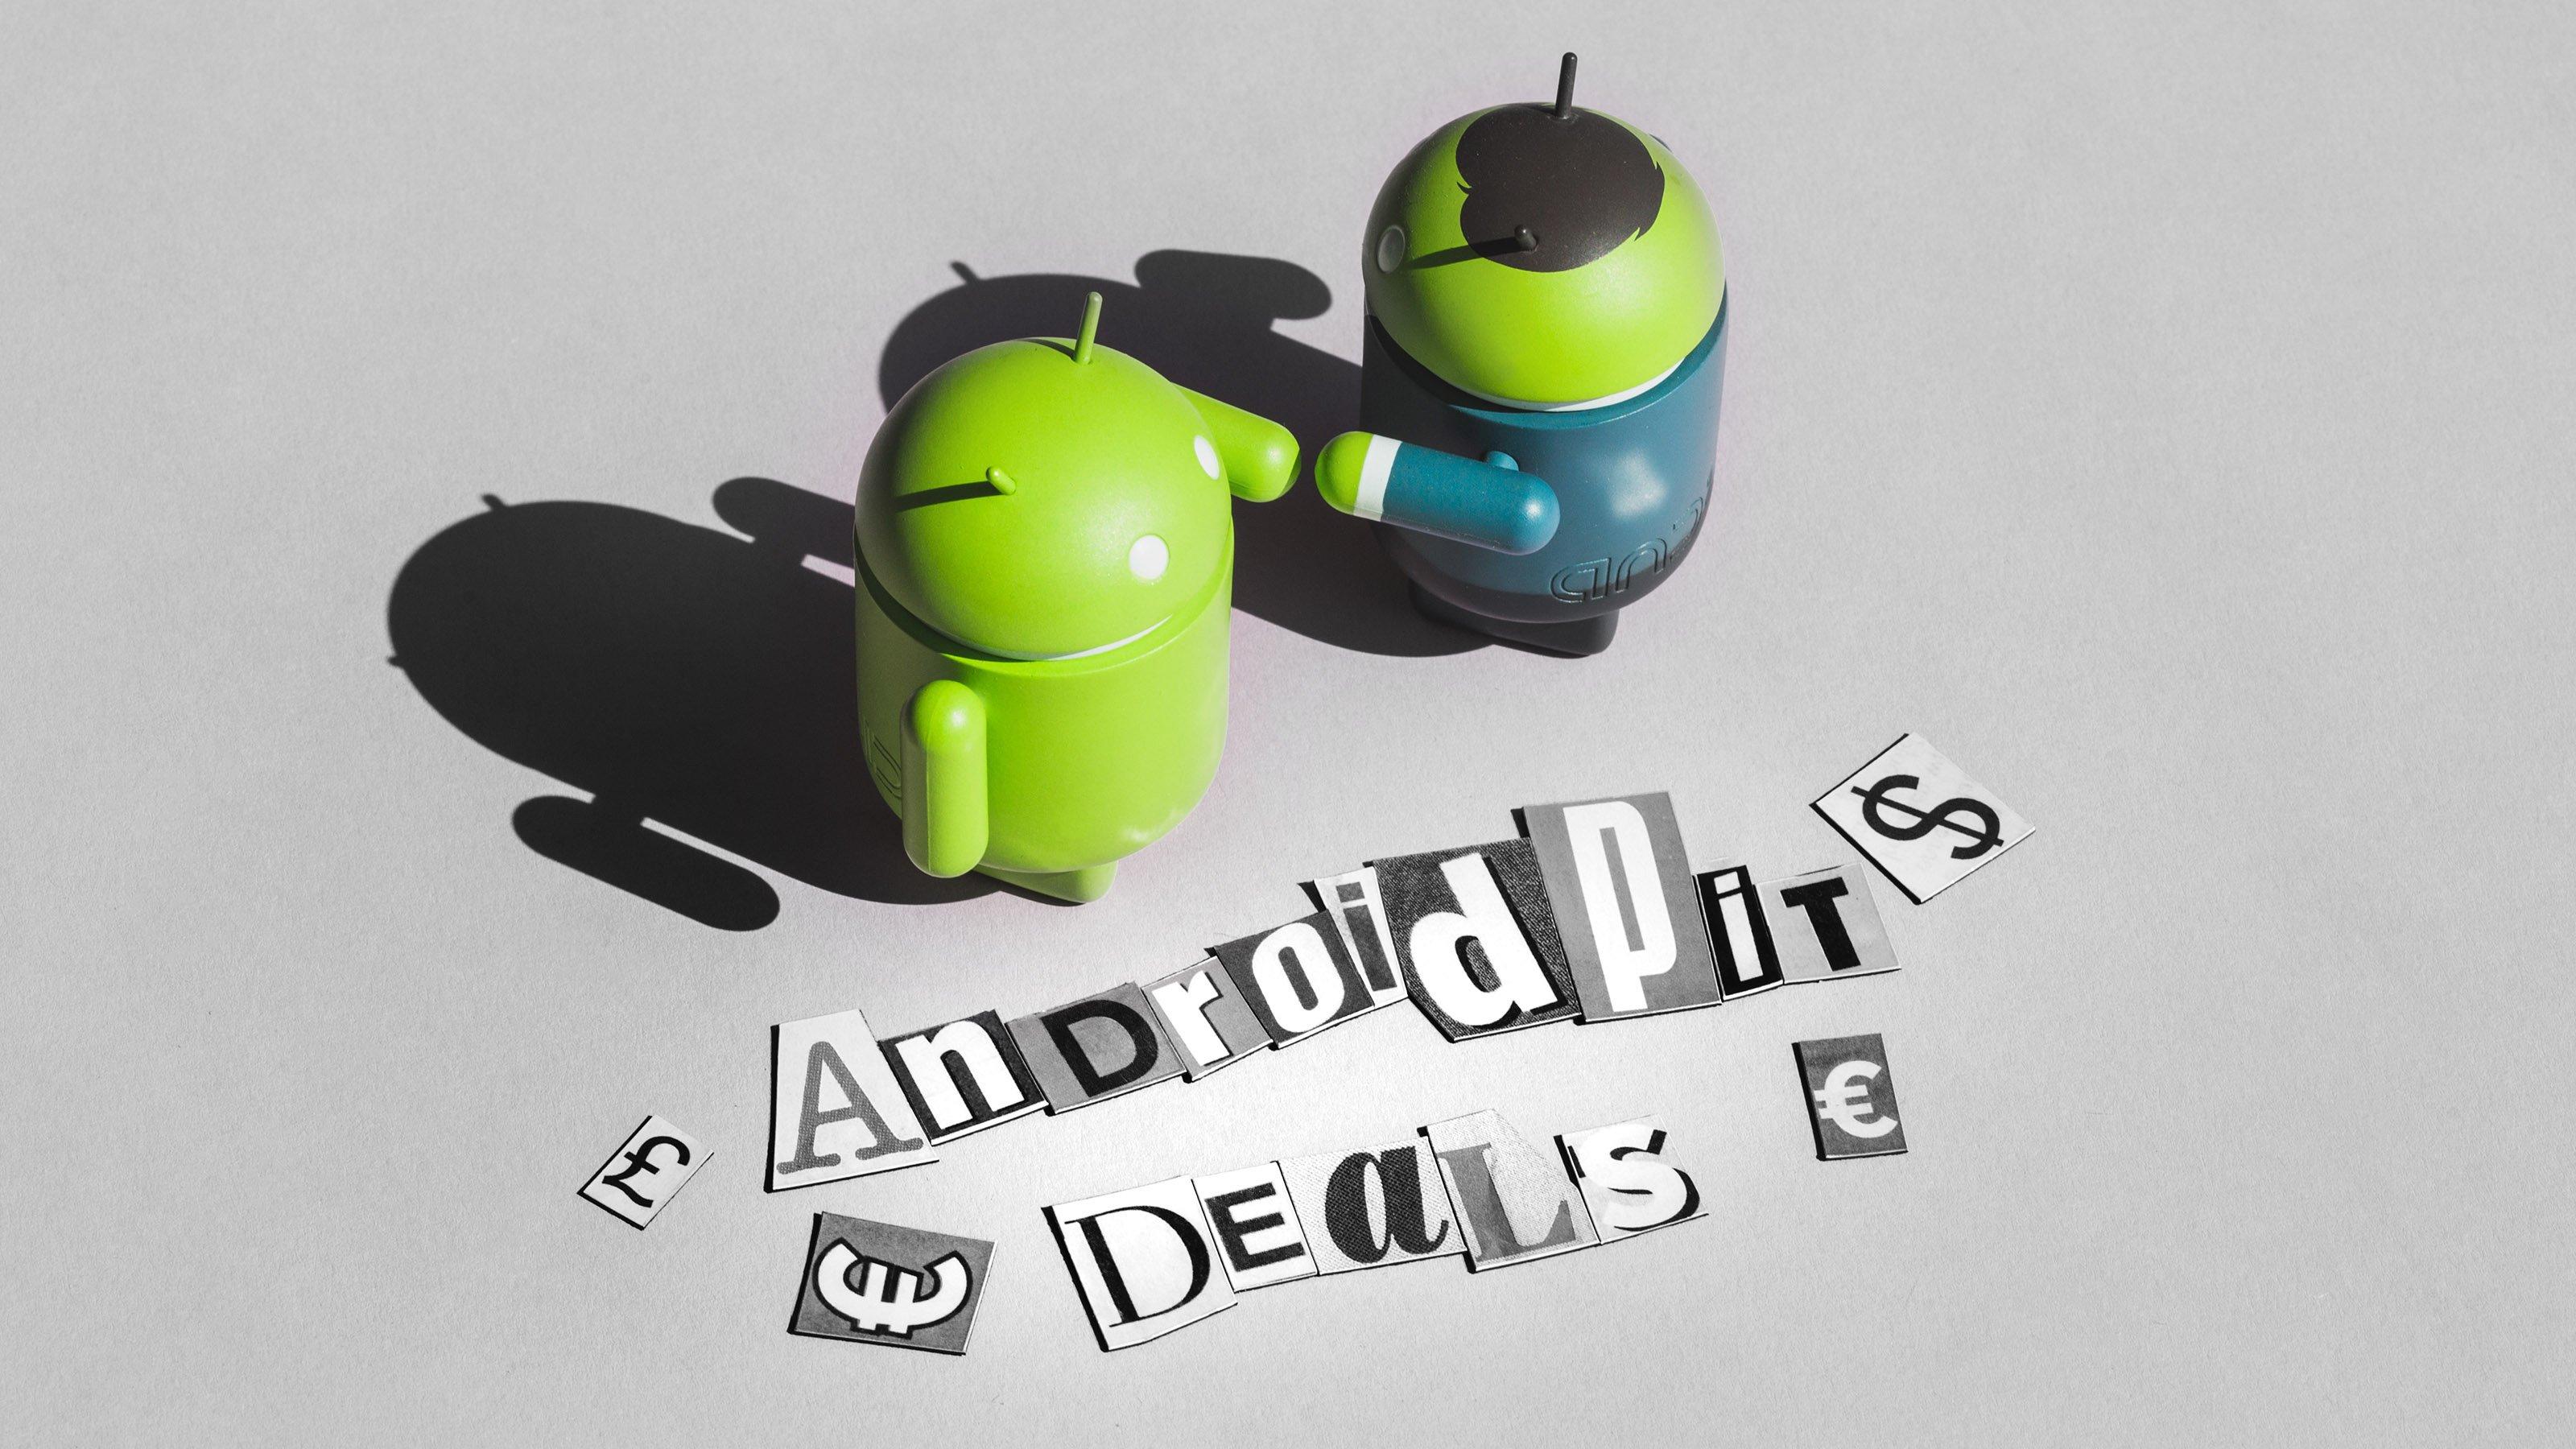 App-Deals für Android: Rabatte und kostenlose Spiele im Play Store finden